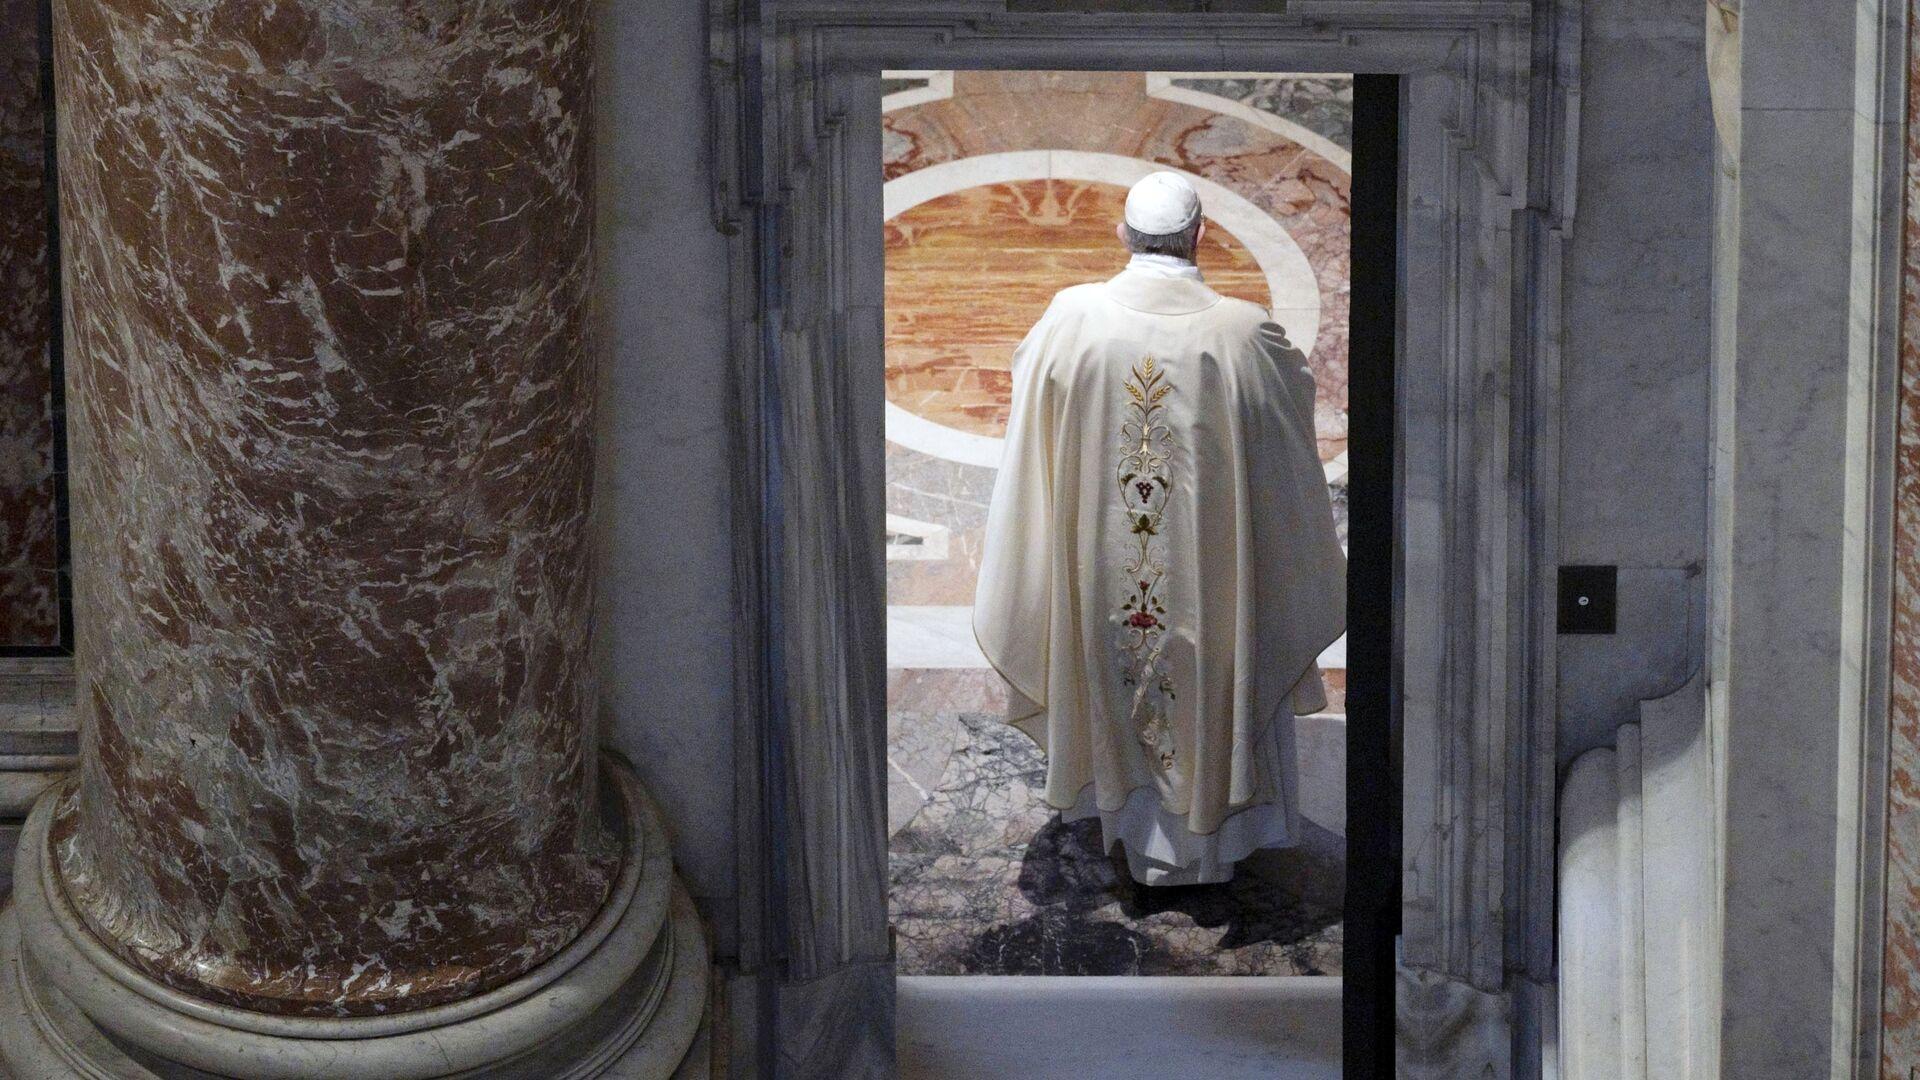 Papa Francesco ha riaperto le celebrazioni liturgiche con i fedeli dando inizio al rito presso la tomba di Giovanni Paolo II in occasione del centenario della nascita del pontefice polacco, nella Basilica di San Pietro - Sputnik Italia, 1920, 01.06.2021